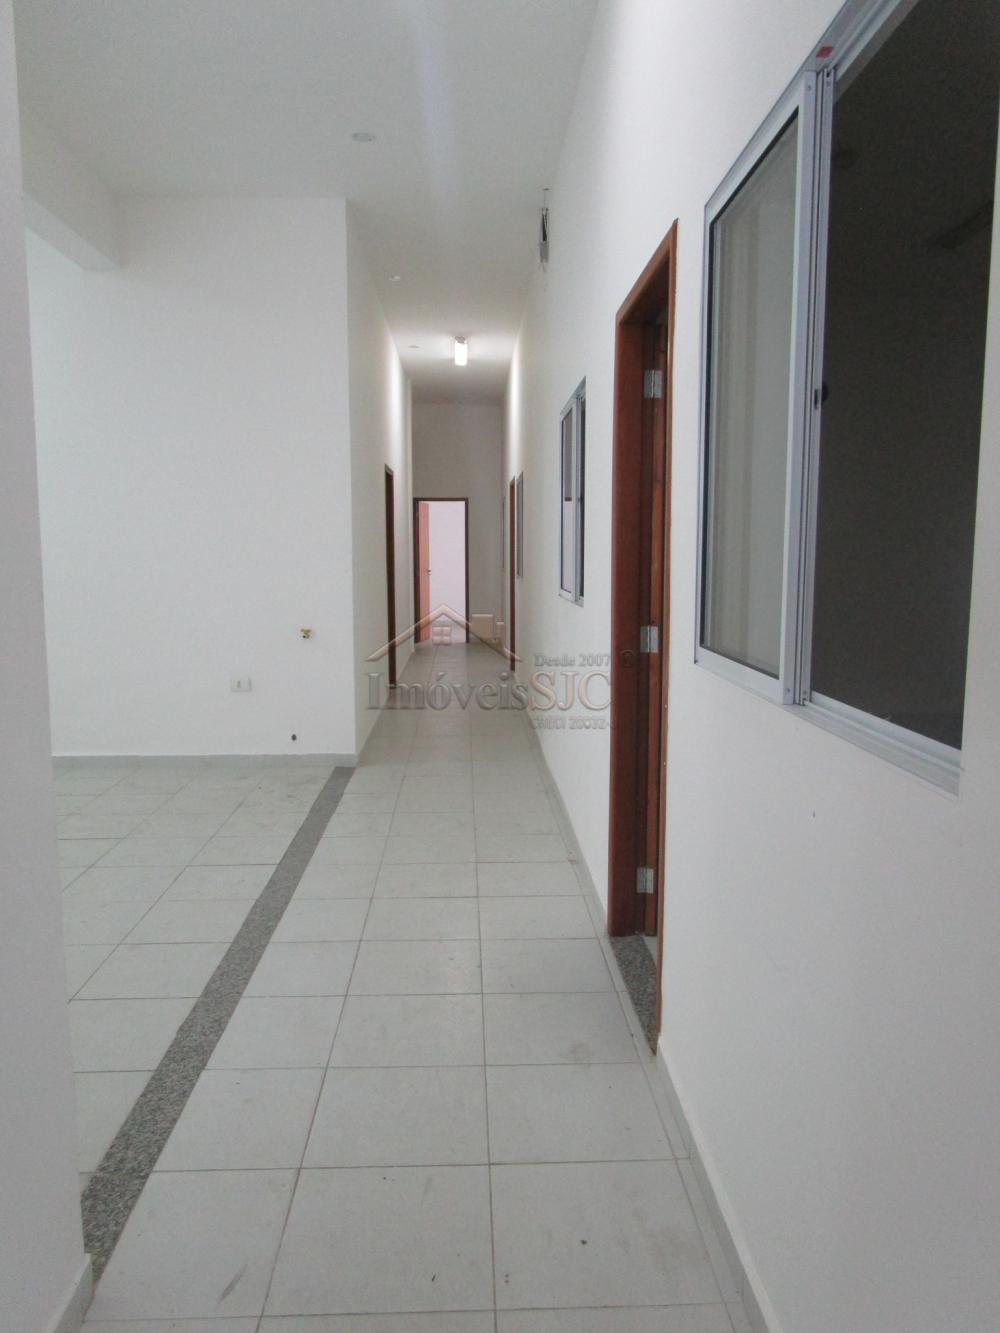 Alugar Comerciais / Prédio Comercial em São José dos Campos apenas R$ 22.000,00 - Foto 32